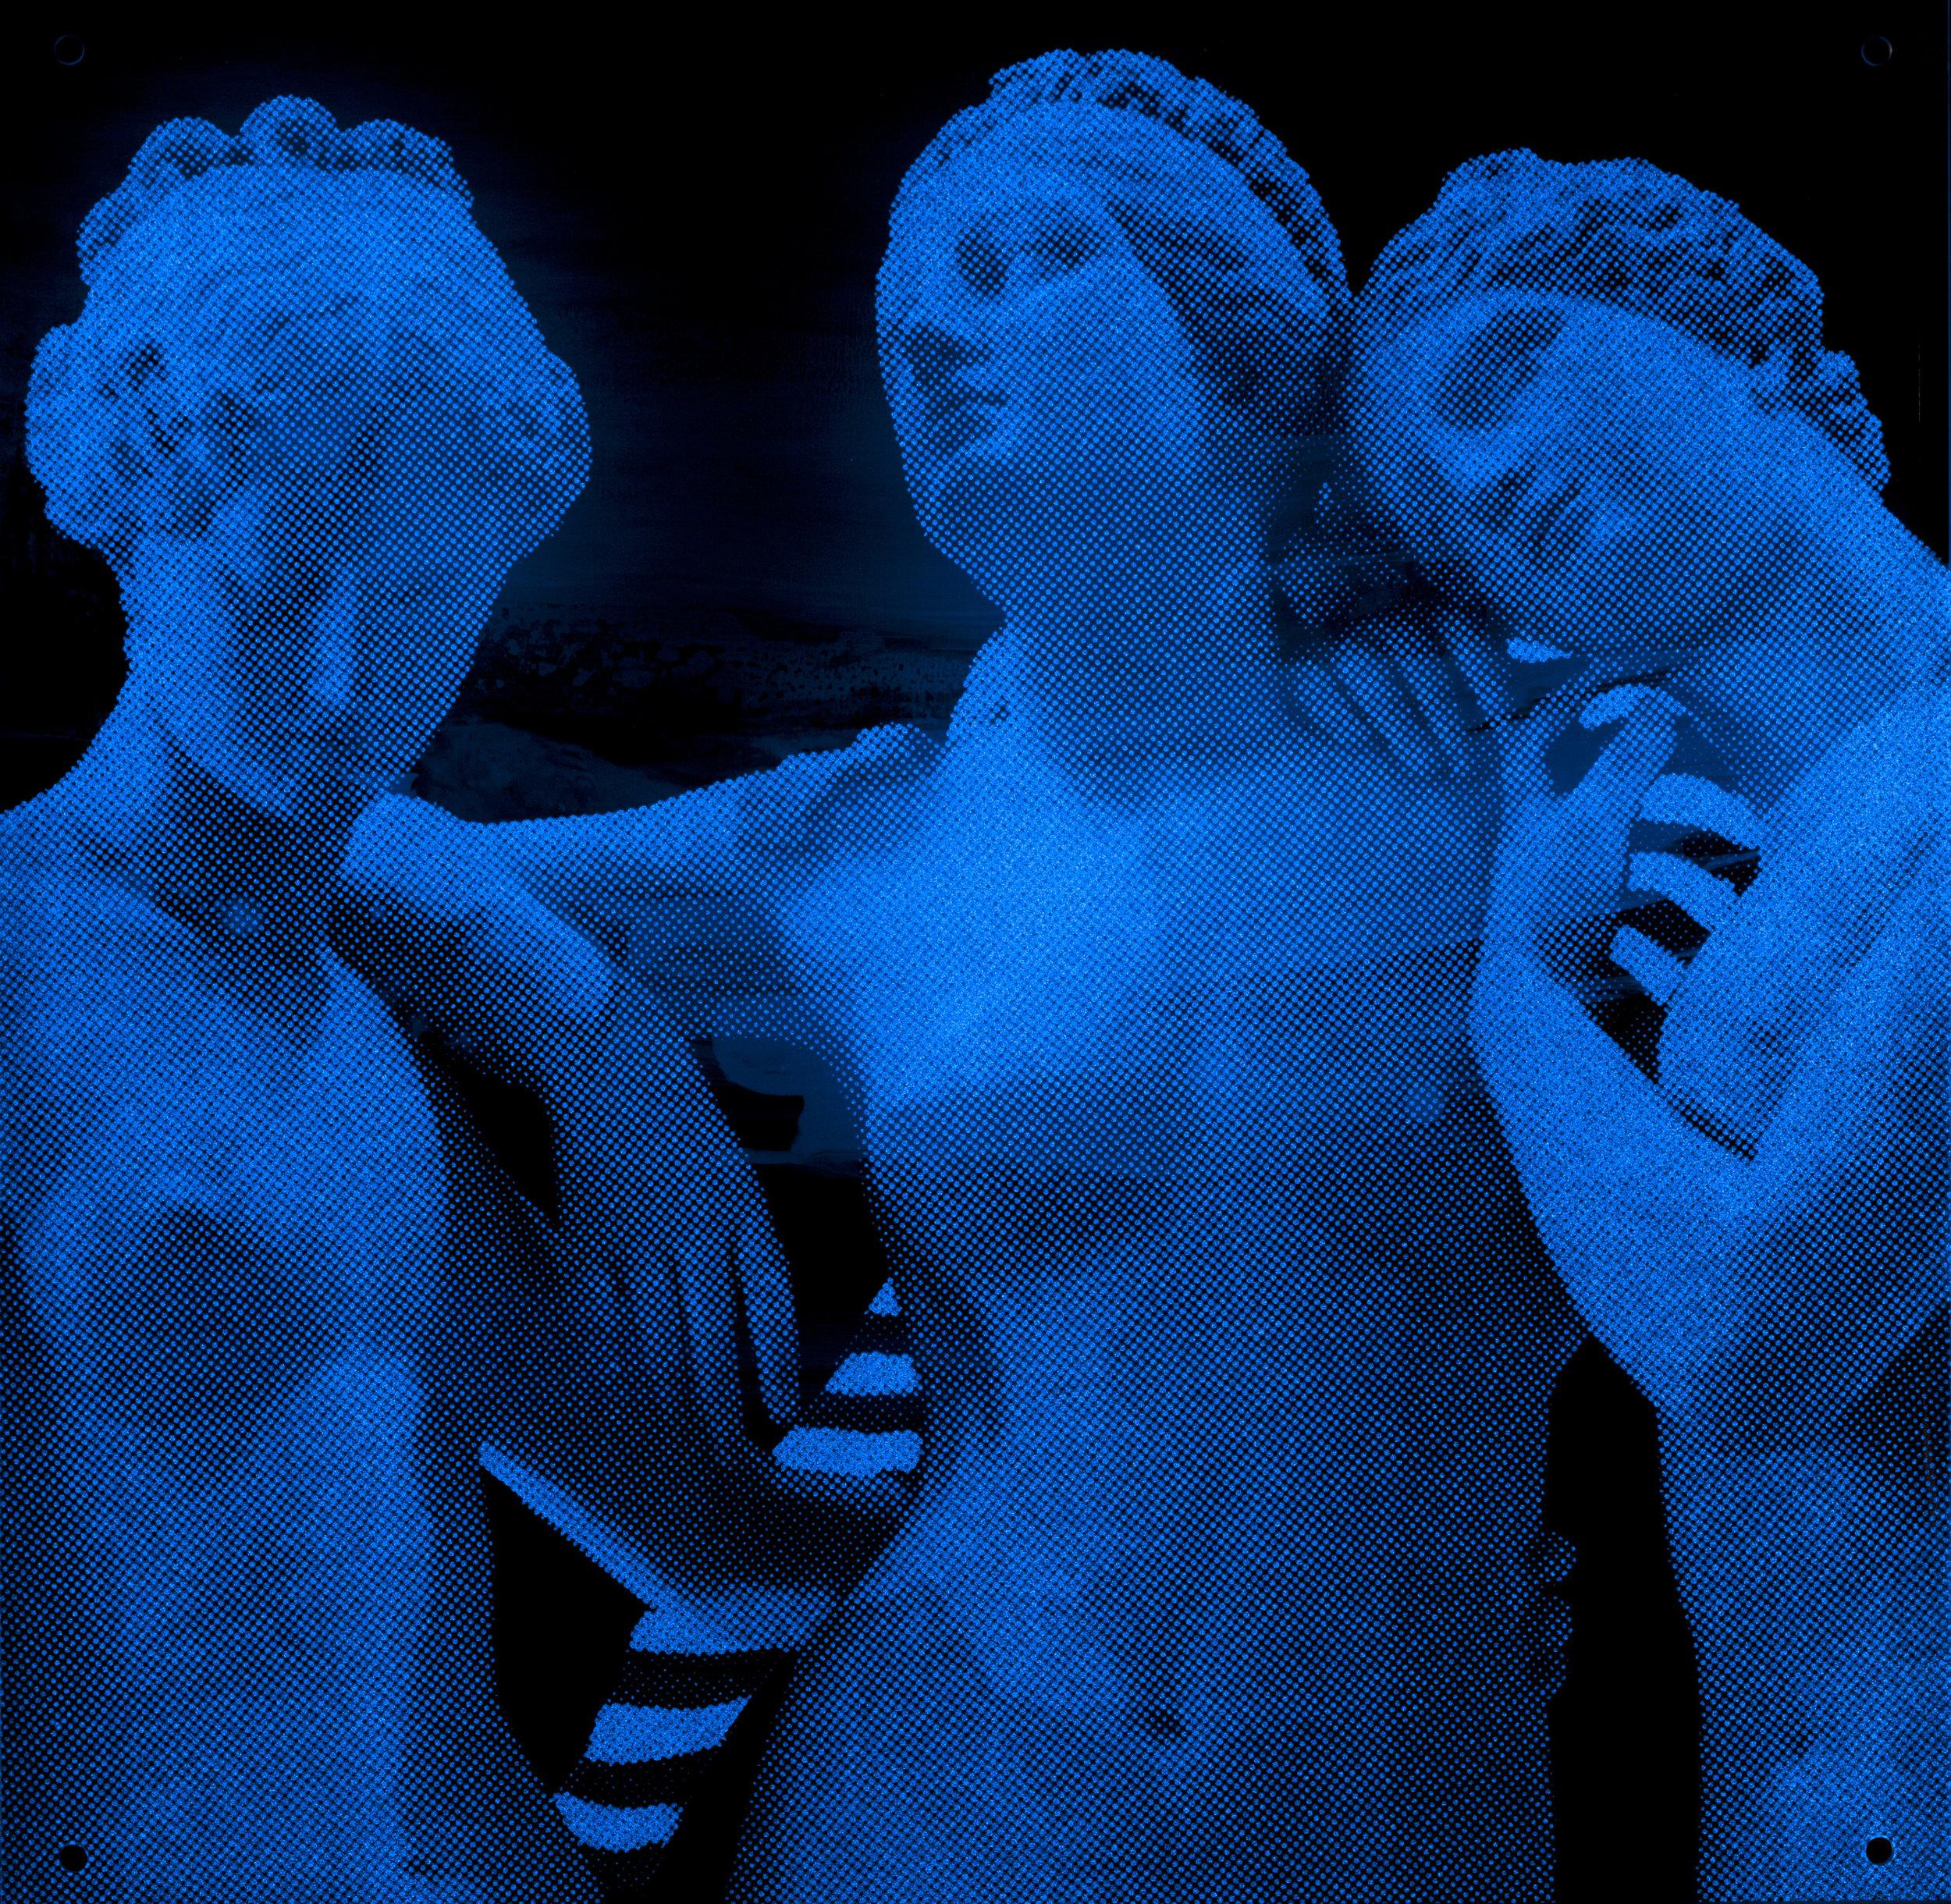 Paysage  Vision de nuit  40 X 40 cm - boite altuglas et bois